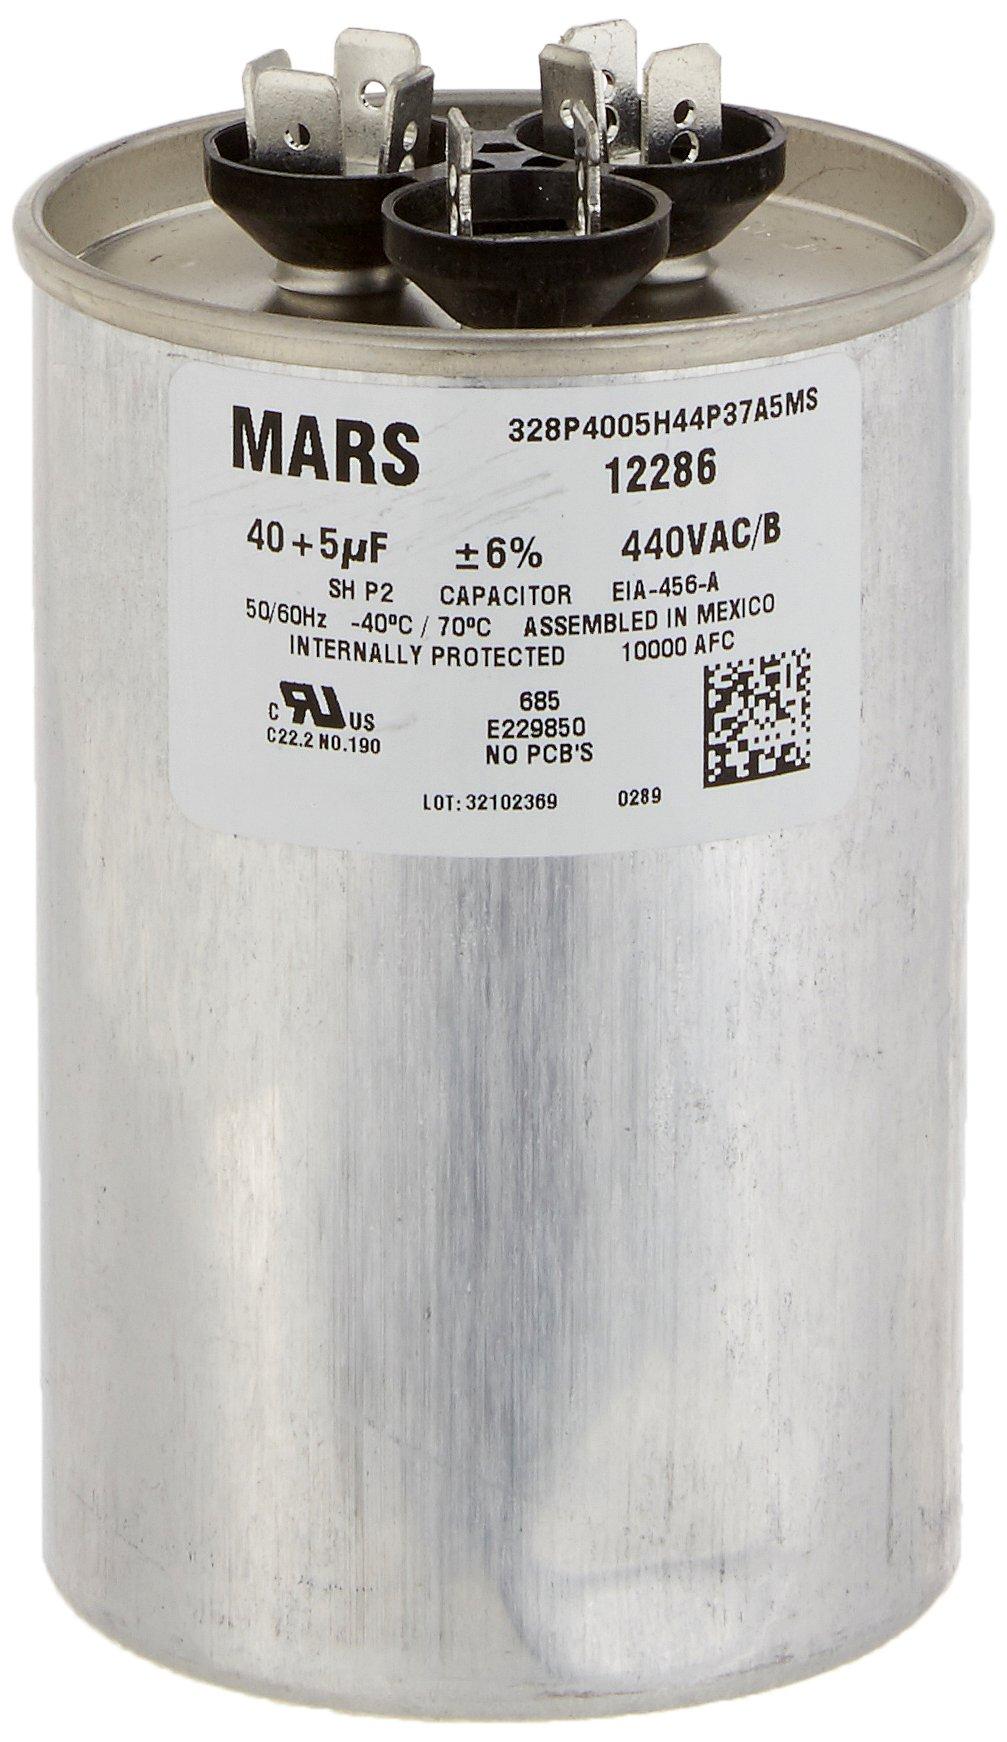 MARS - Motors & Armatures 12286 40 + 5 uF MFD x 440 VAC Genteq Replacement Dual Capacitor